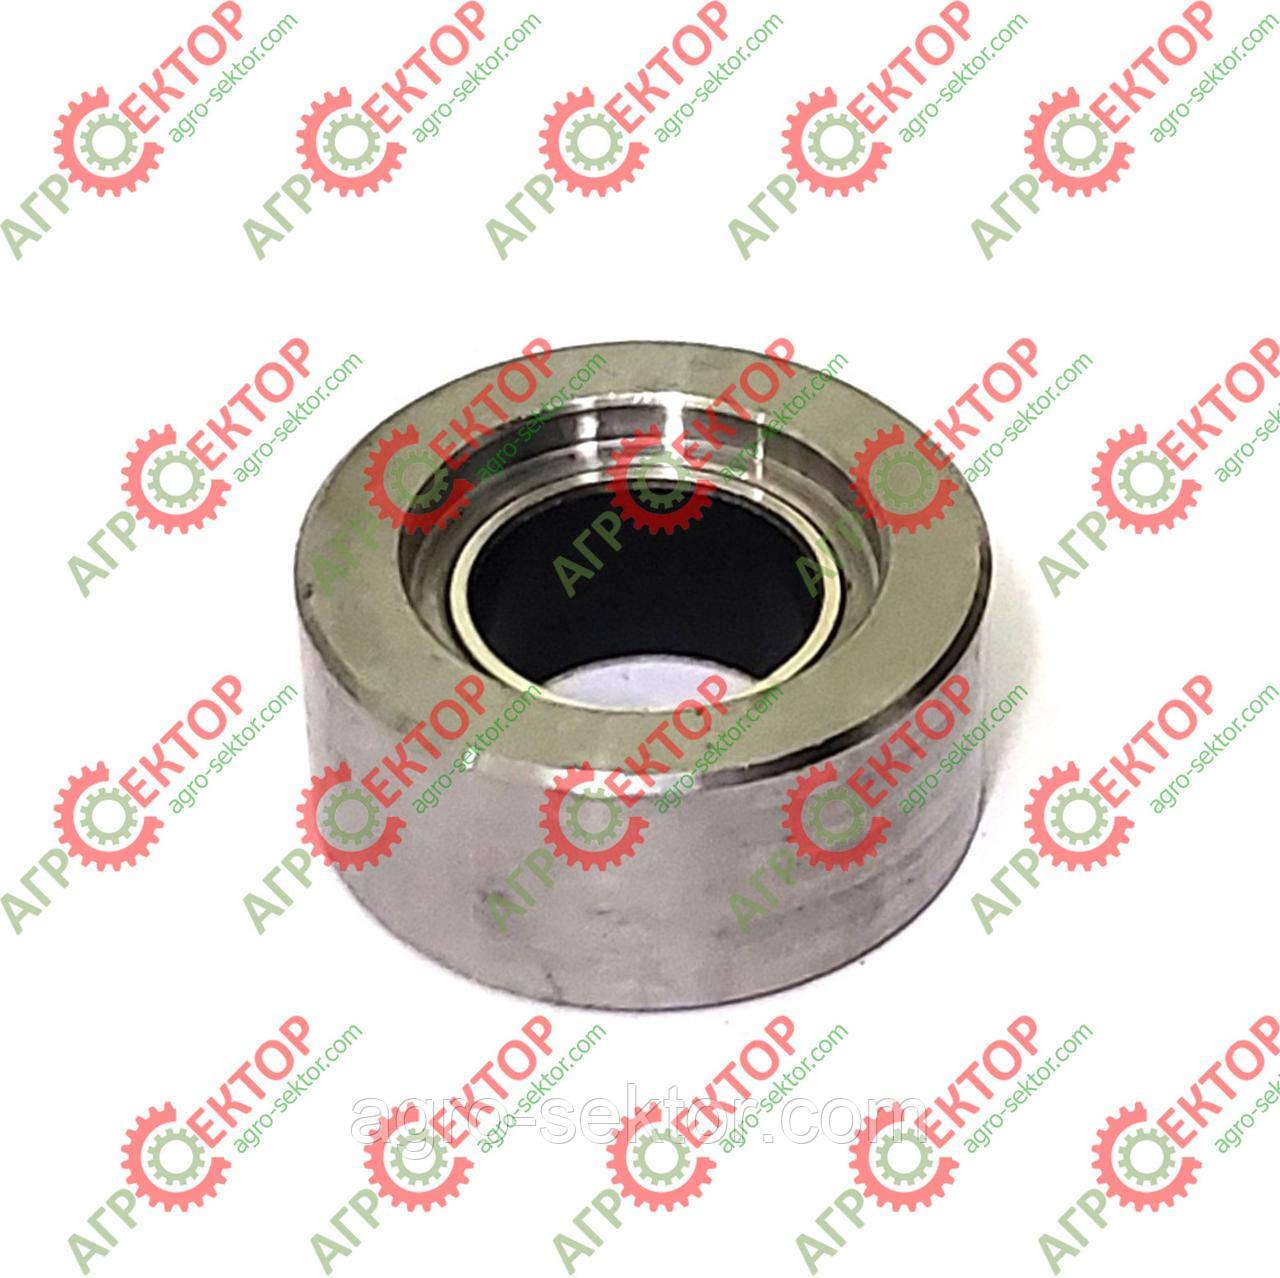 Ролик механізму включення в'язального апарату прес-підбирача Famarol Z-511 8245-511-008-056